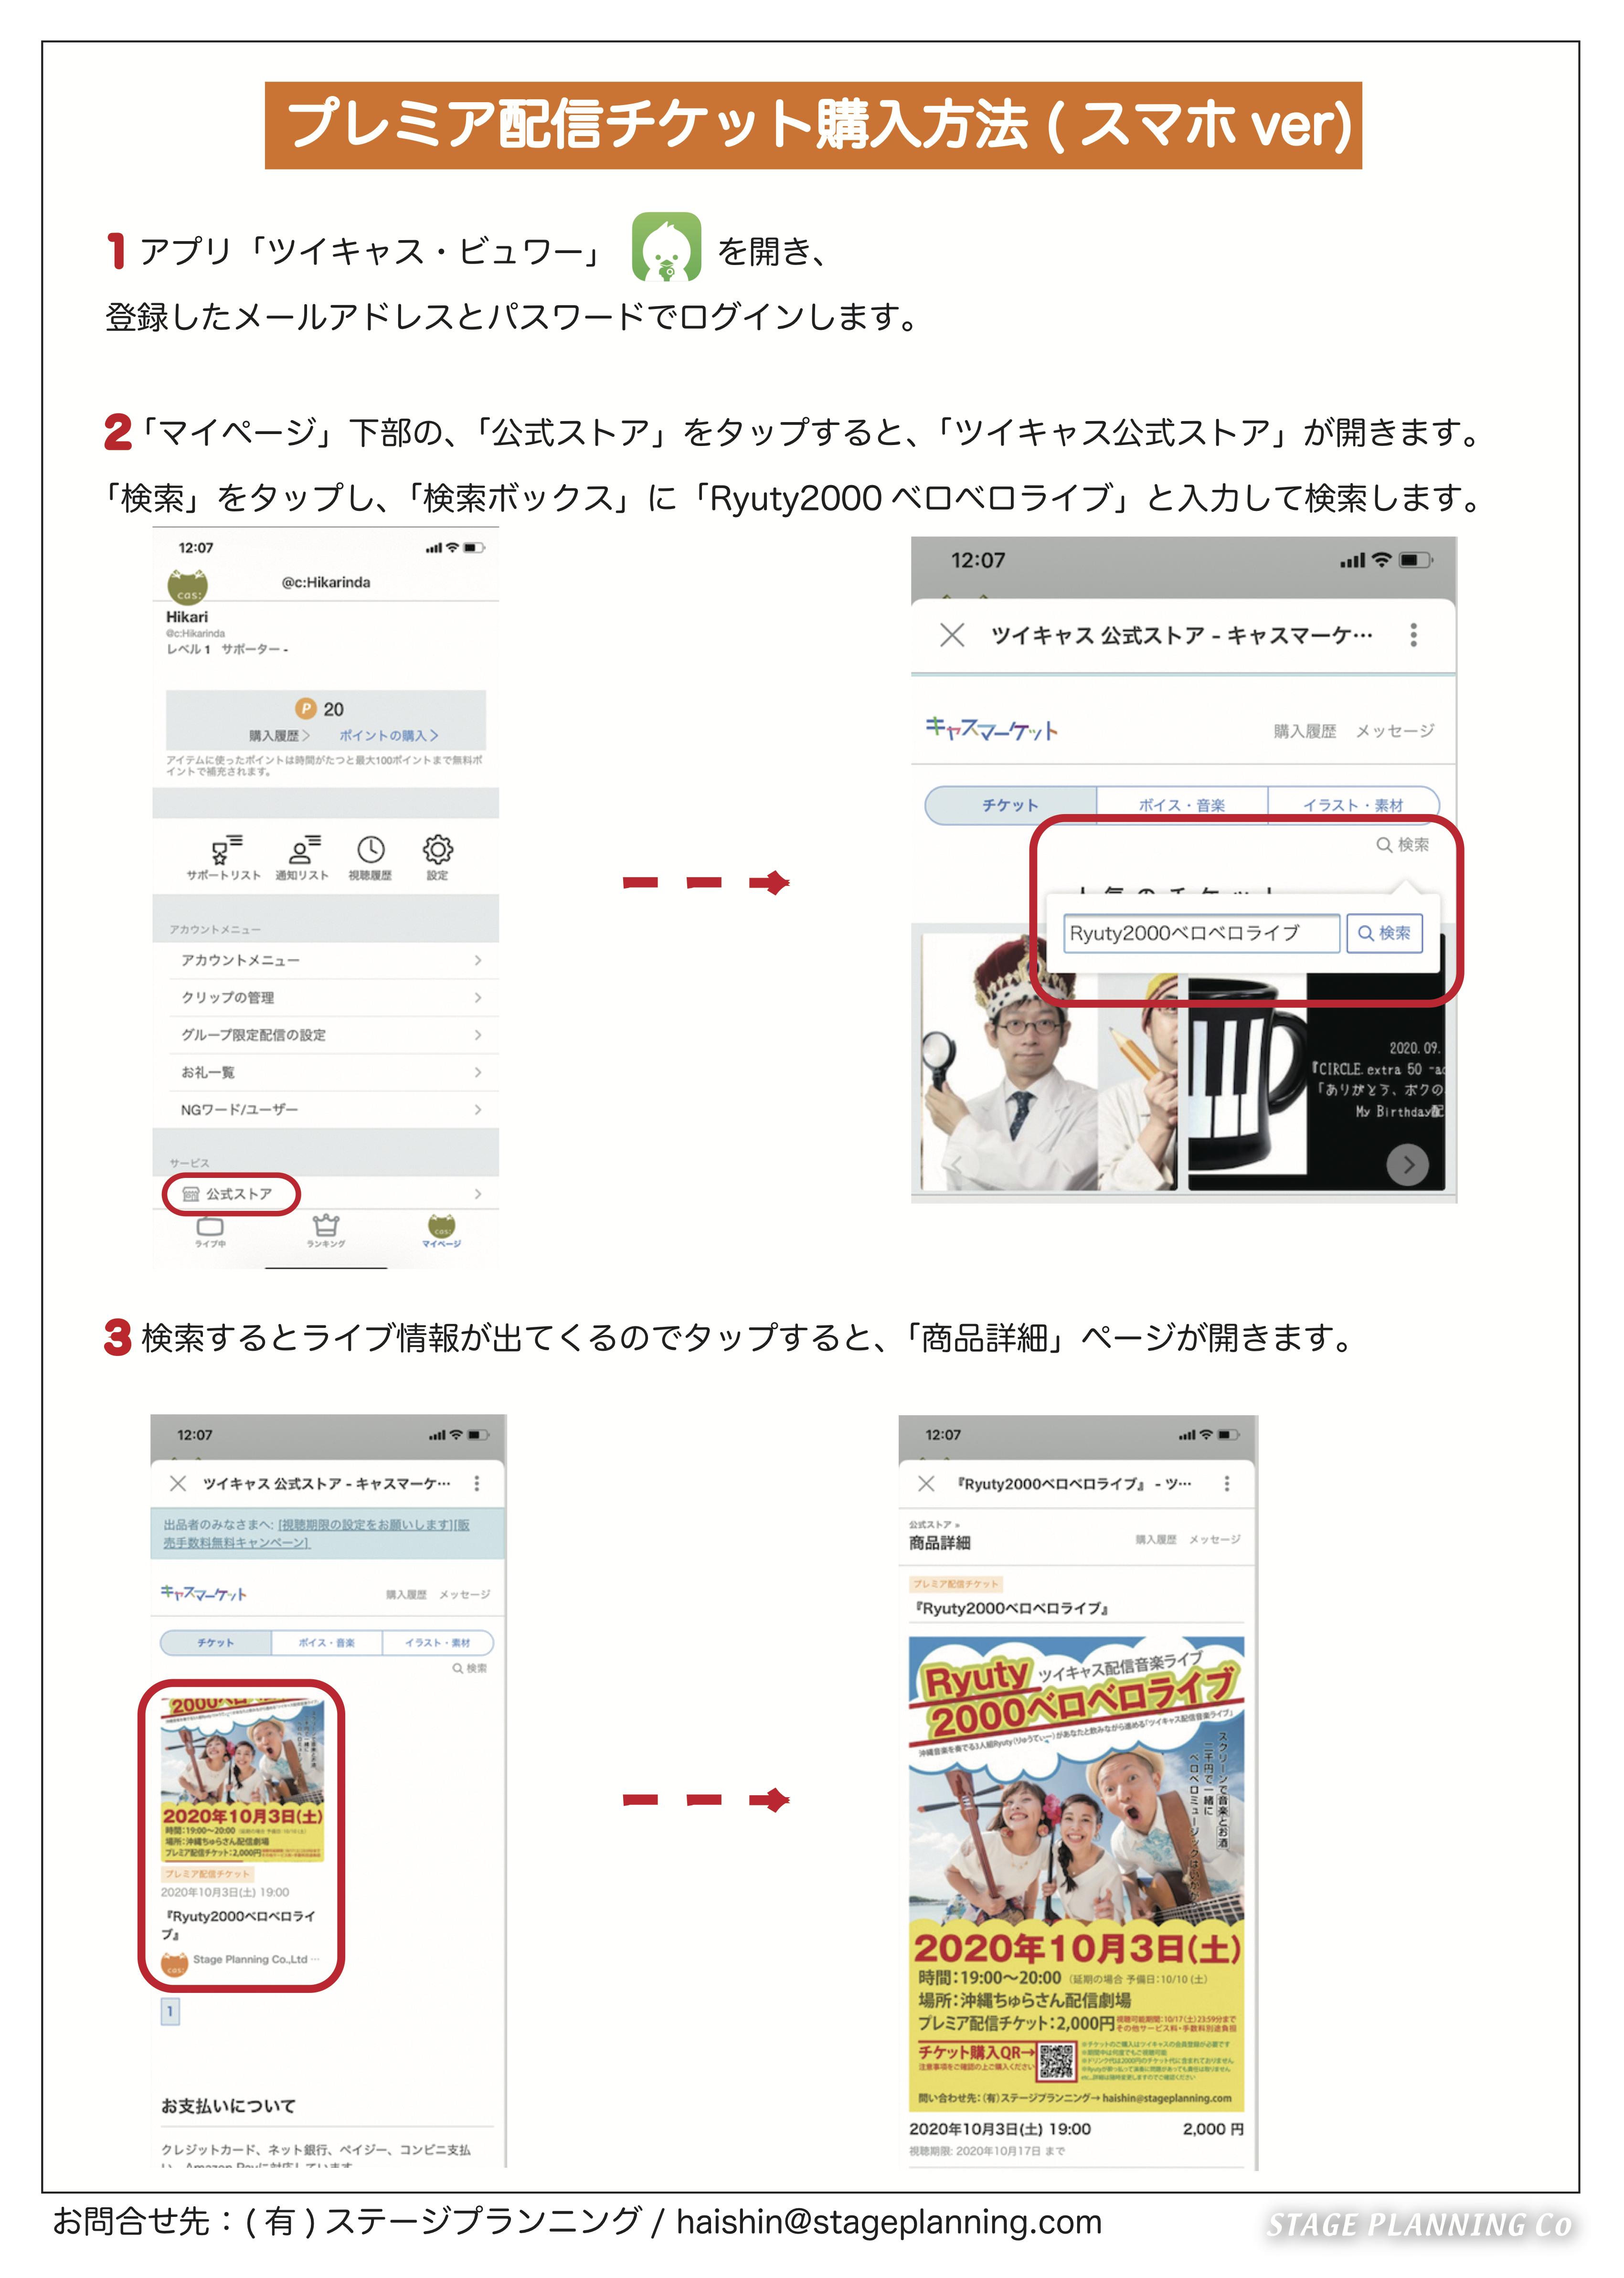 ツイキャス登録~購入方法 スマホver-1(ドラッグされました) 3